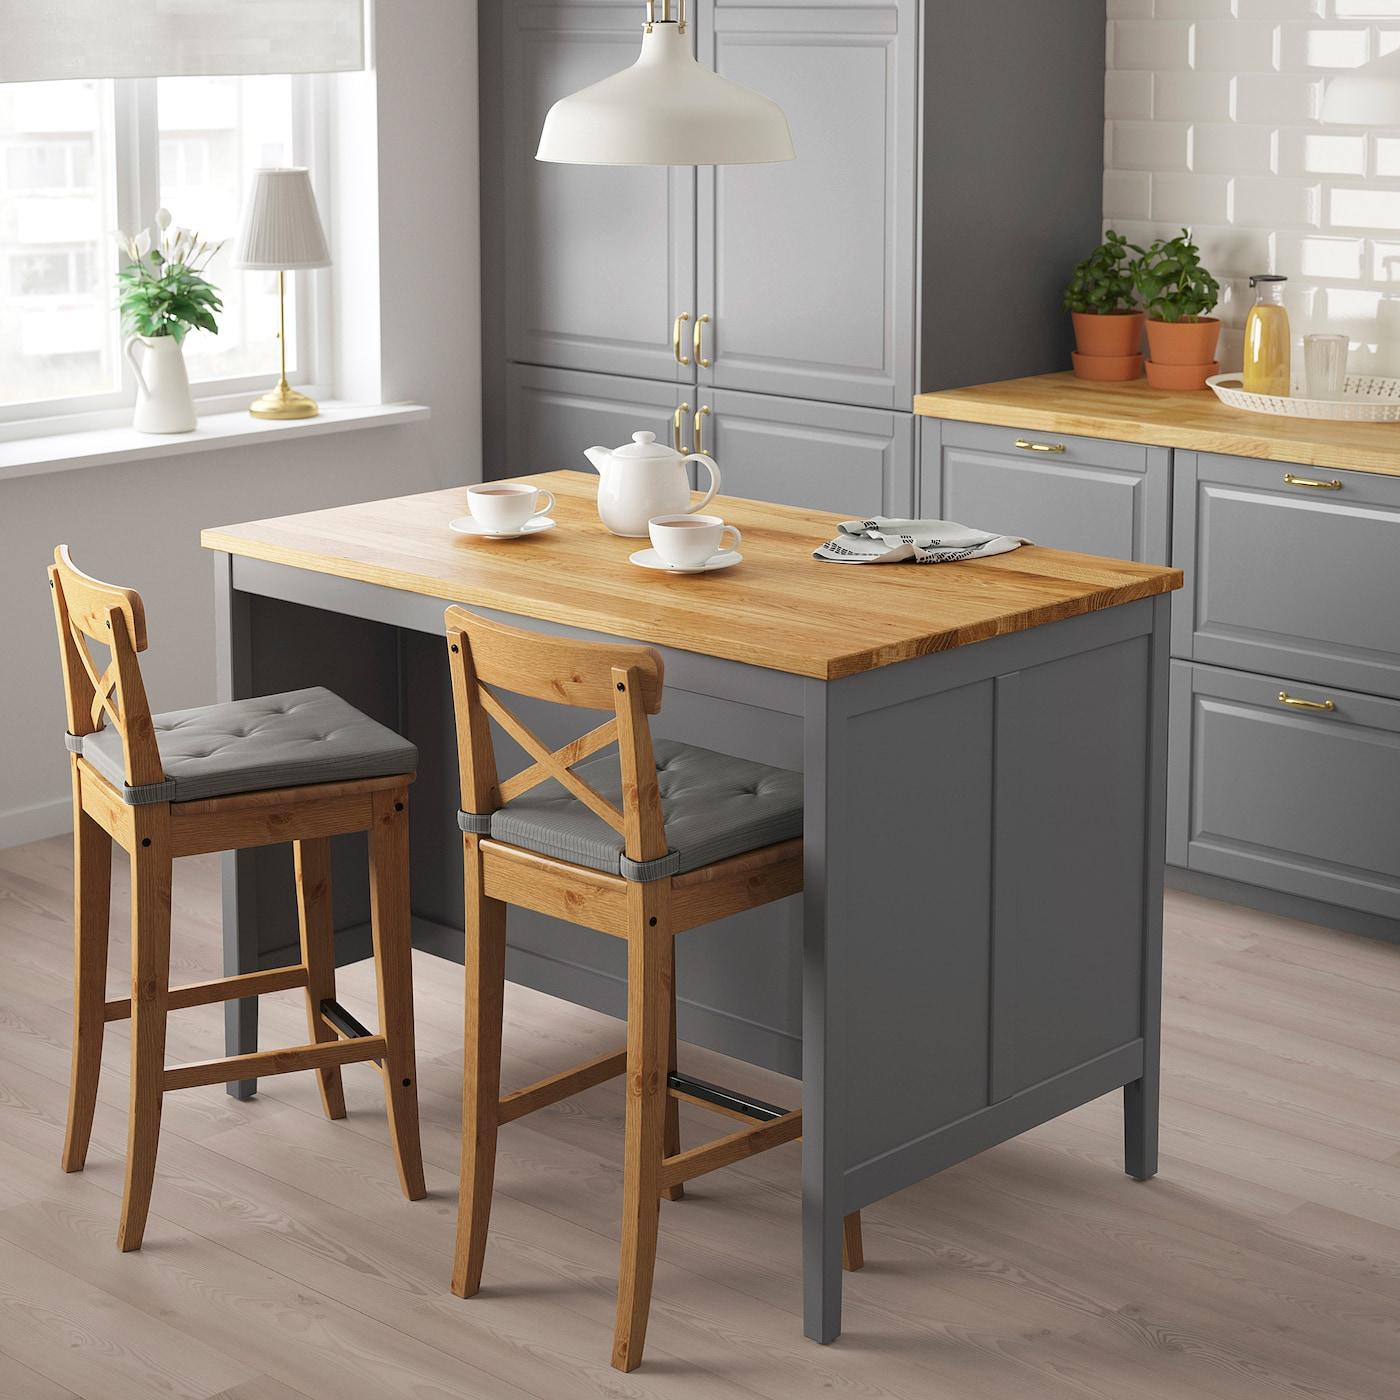 TORNVIKEN Îlot pour cuisine - gris/chêne 13x13 cm